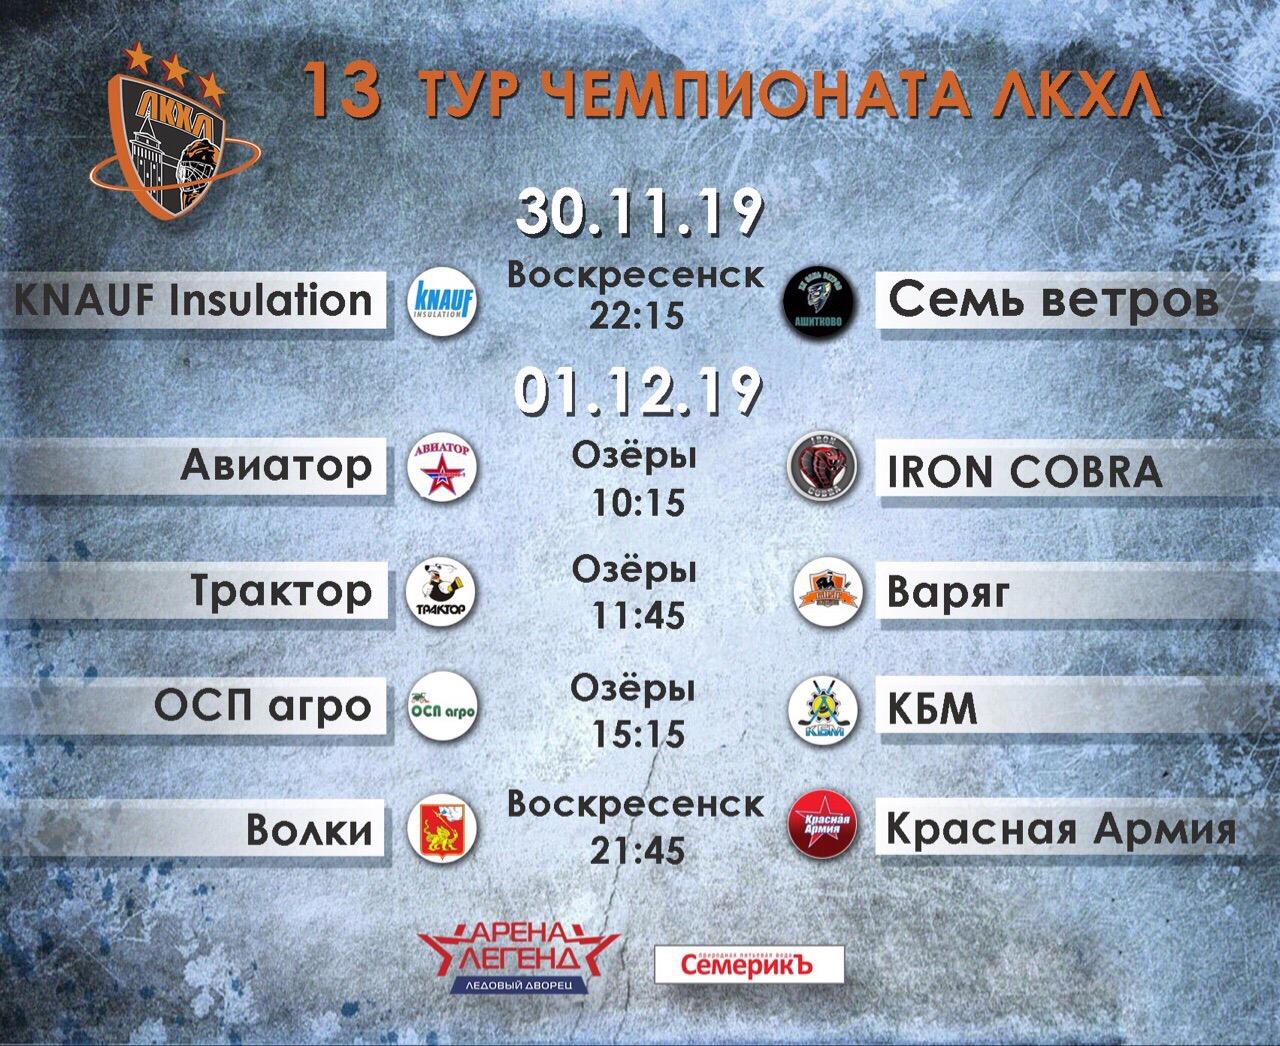 30 ноября и 01 декабря пройдут игры 13 тура Чемпионата Любительской Коломенской хоккейной лиги сезона 2019/2020.